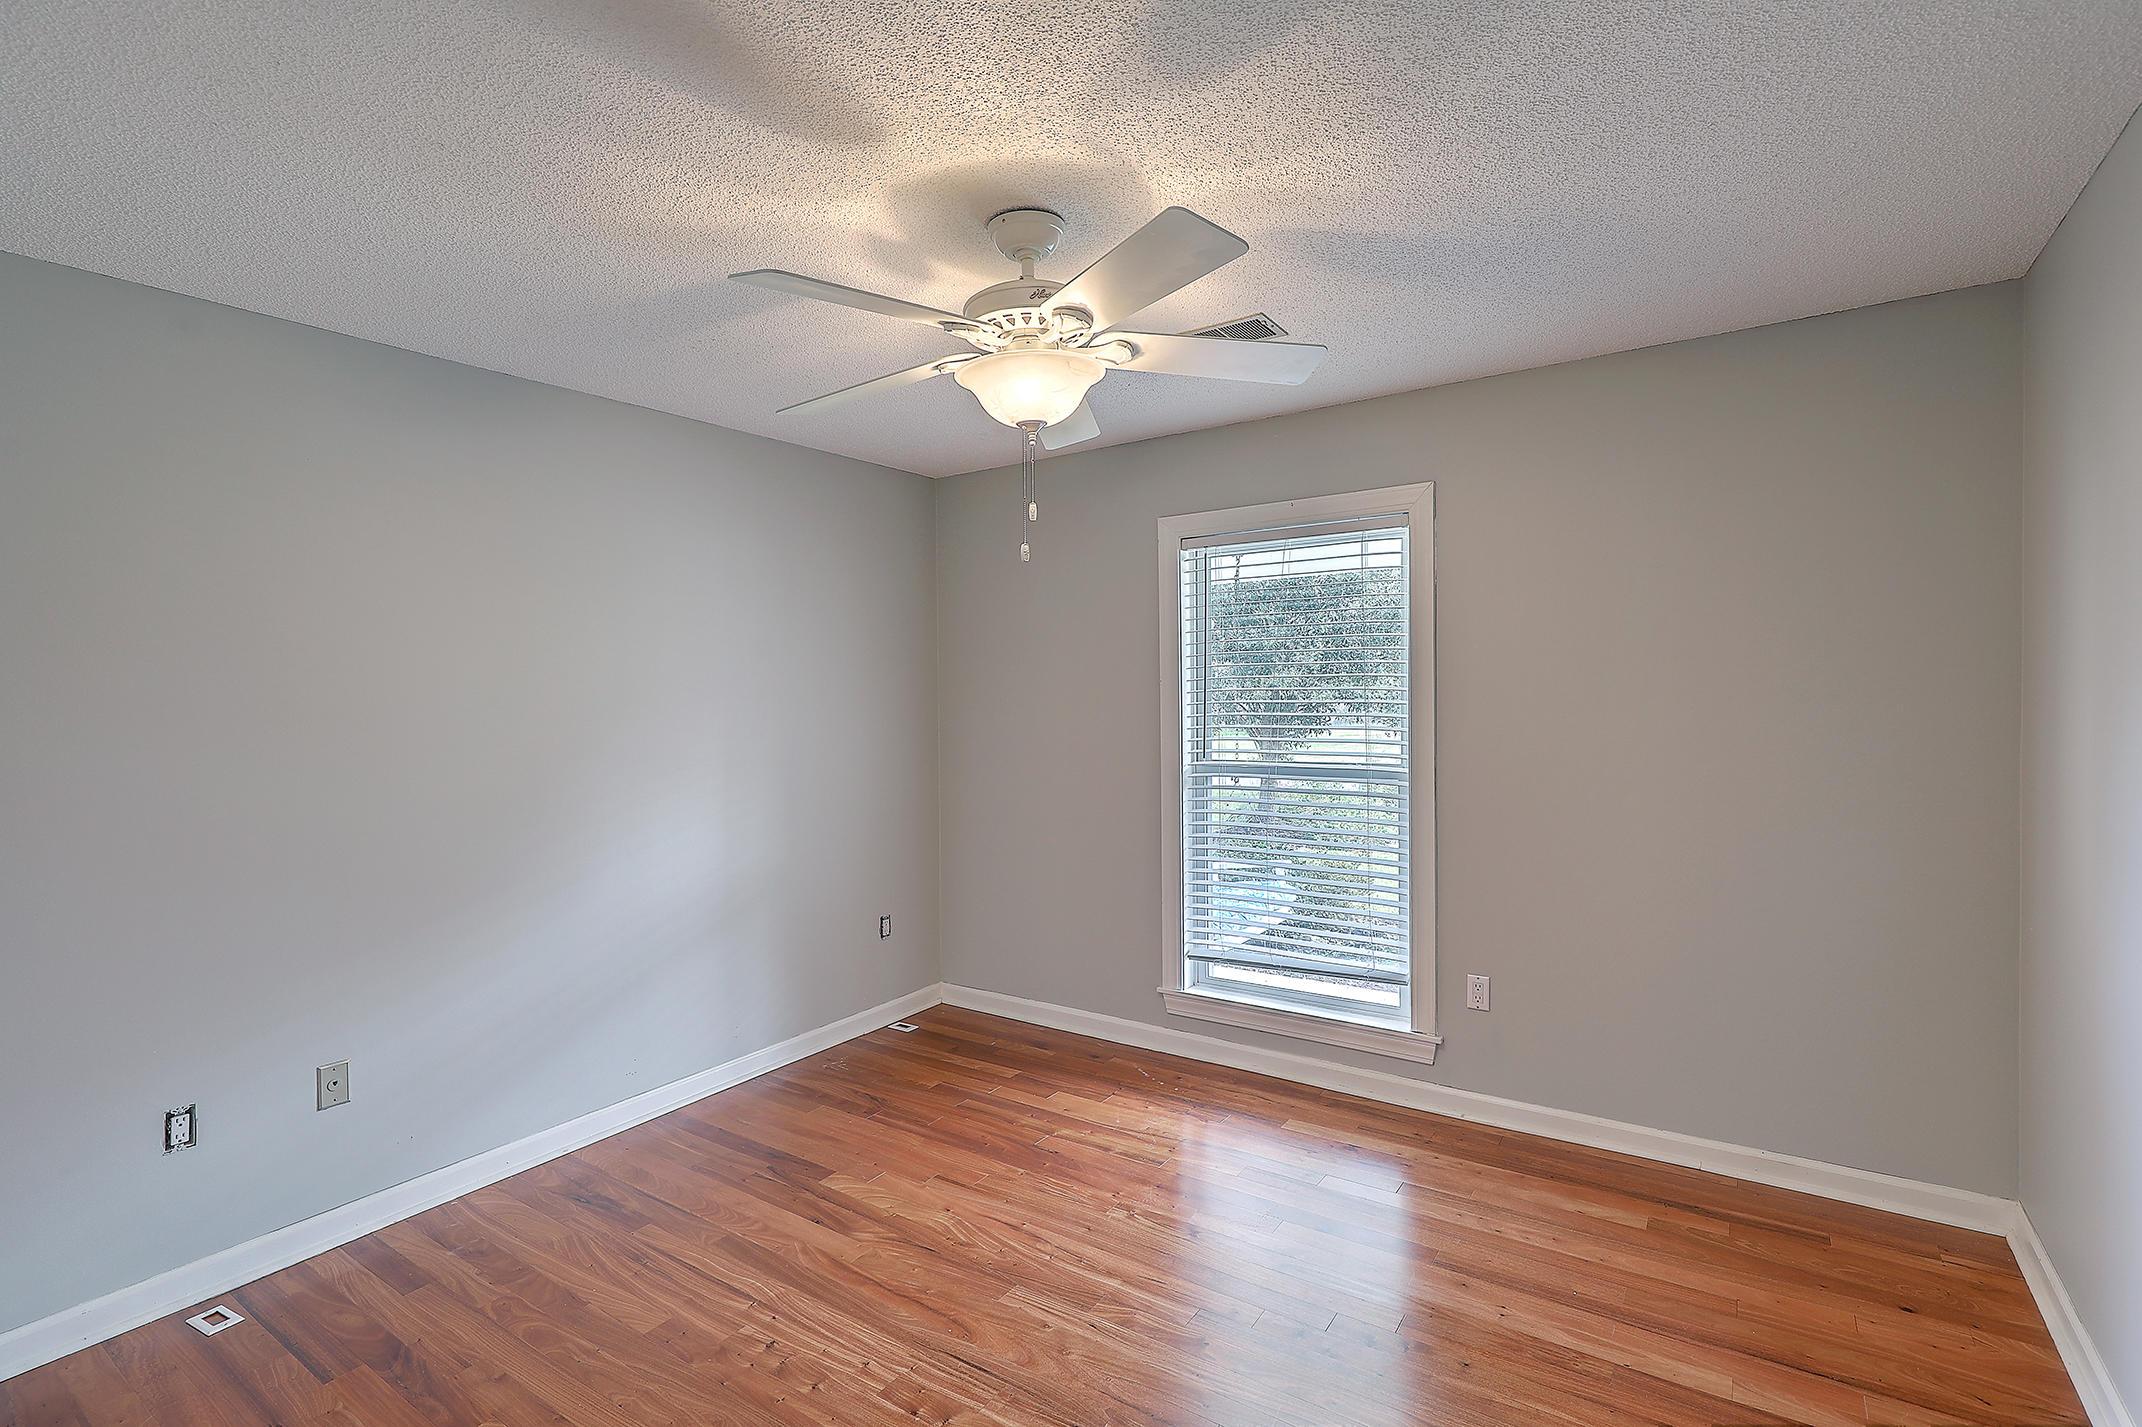 Coopers Landing Homes For Sale - 1474 Hidden Bridge, Mount Pleasant, SC - 16